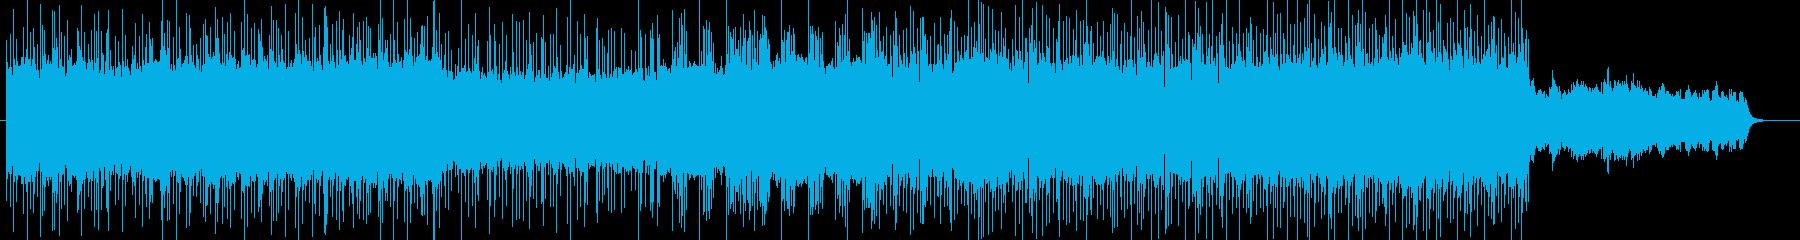 「ハードロック/ロック」BGM83の再生済みの波形